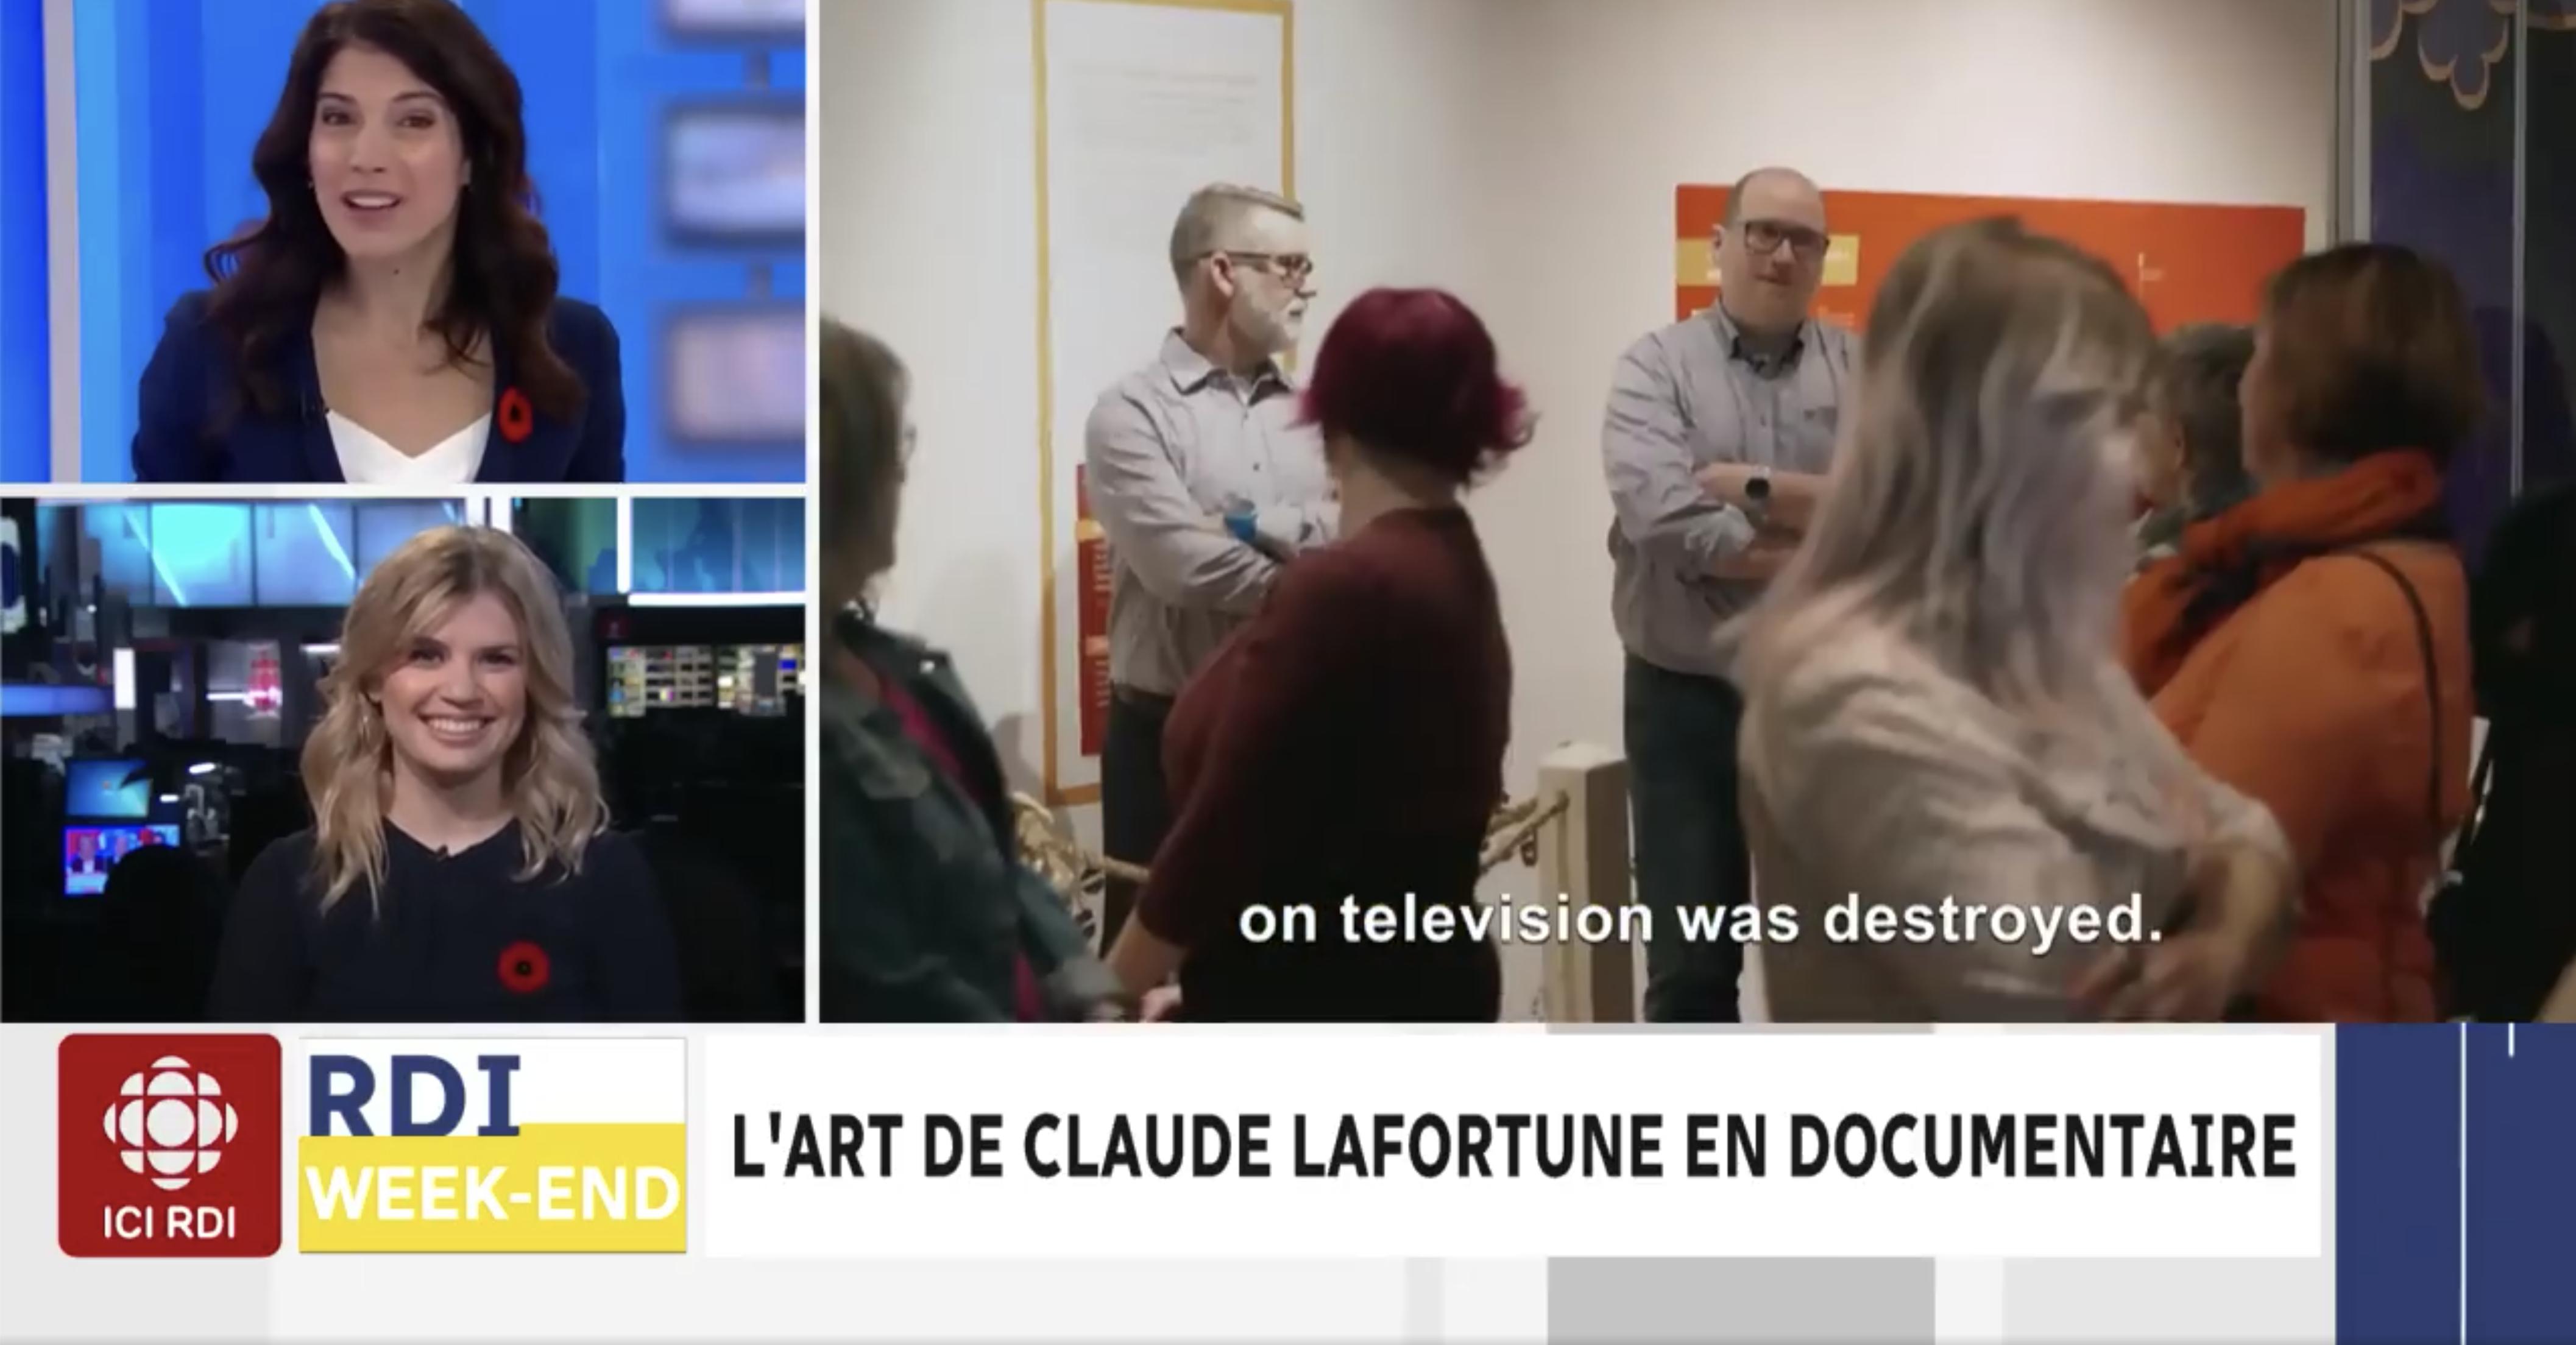 L'art de Claude Lafortune en documentaire